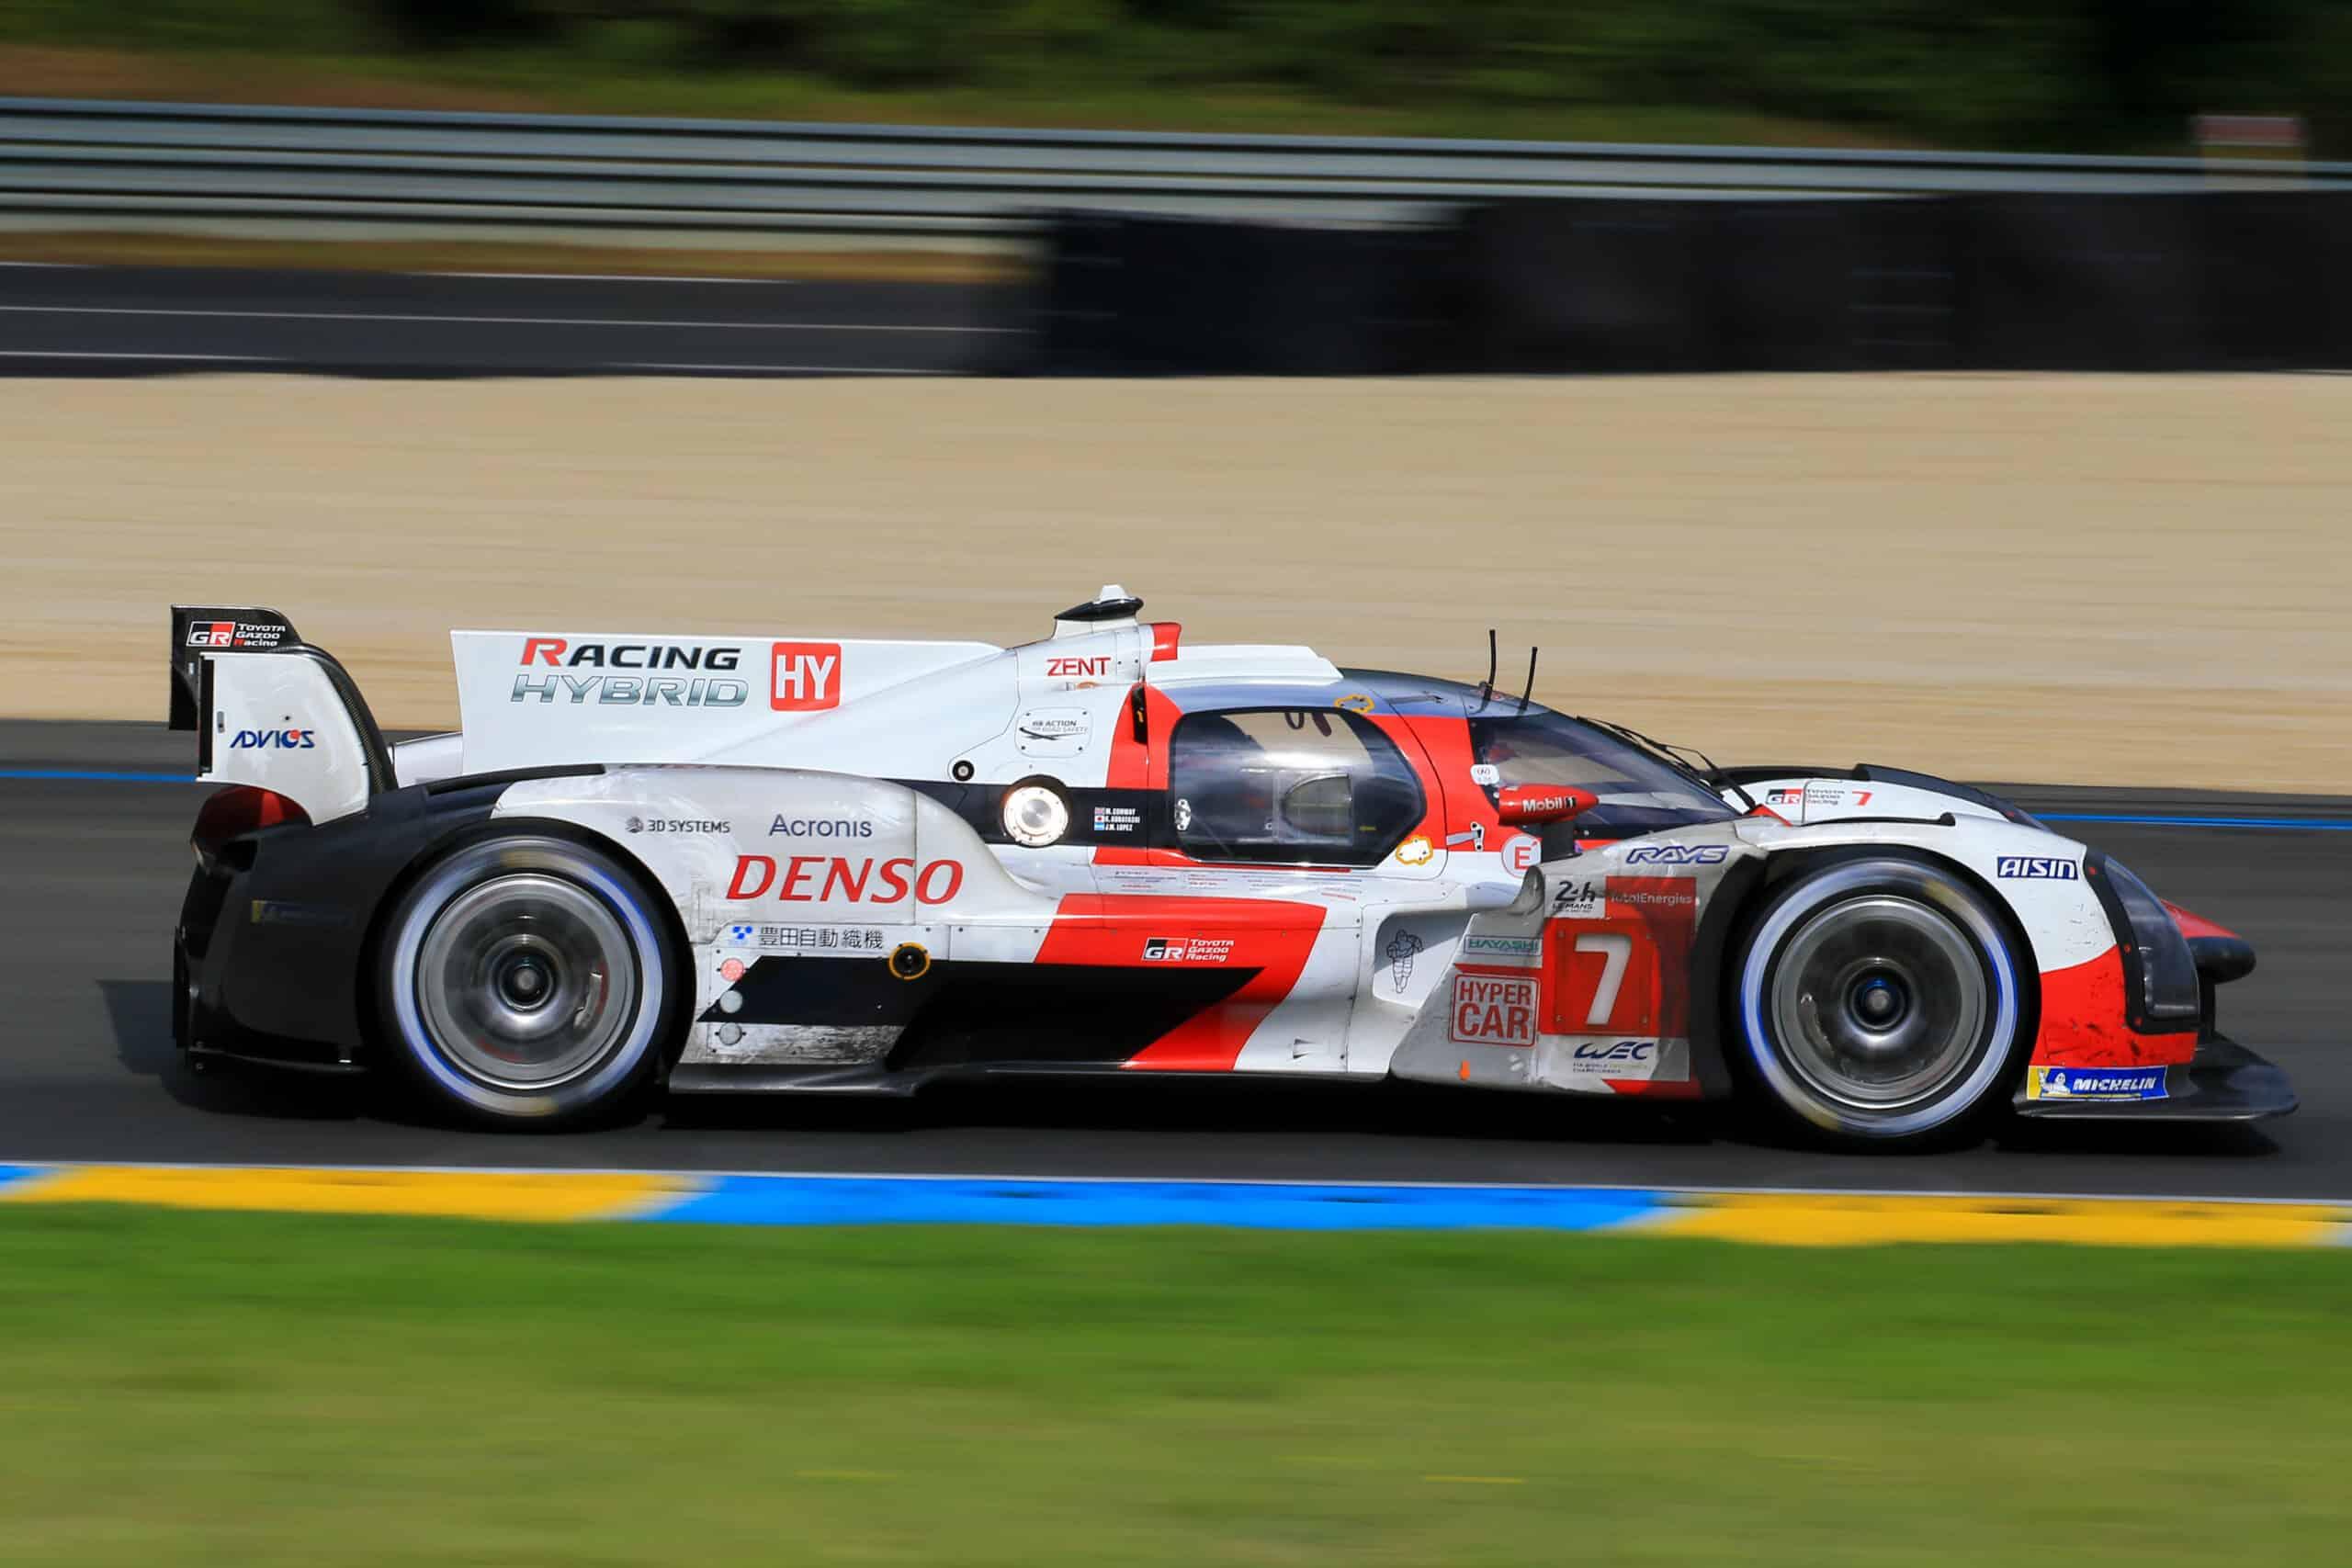 Toyota logra su cuarta victoria consecutiva en las 24 horas de Le Mans